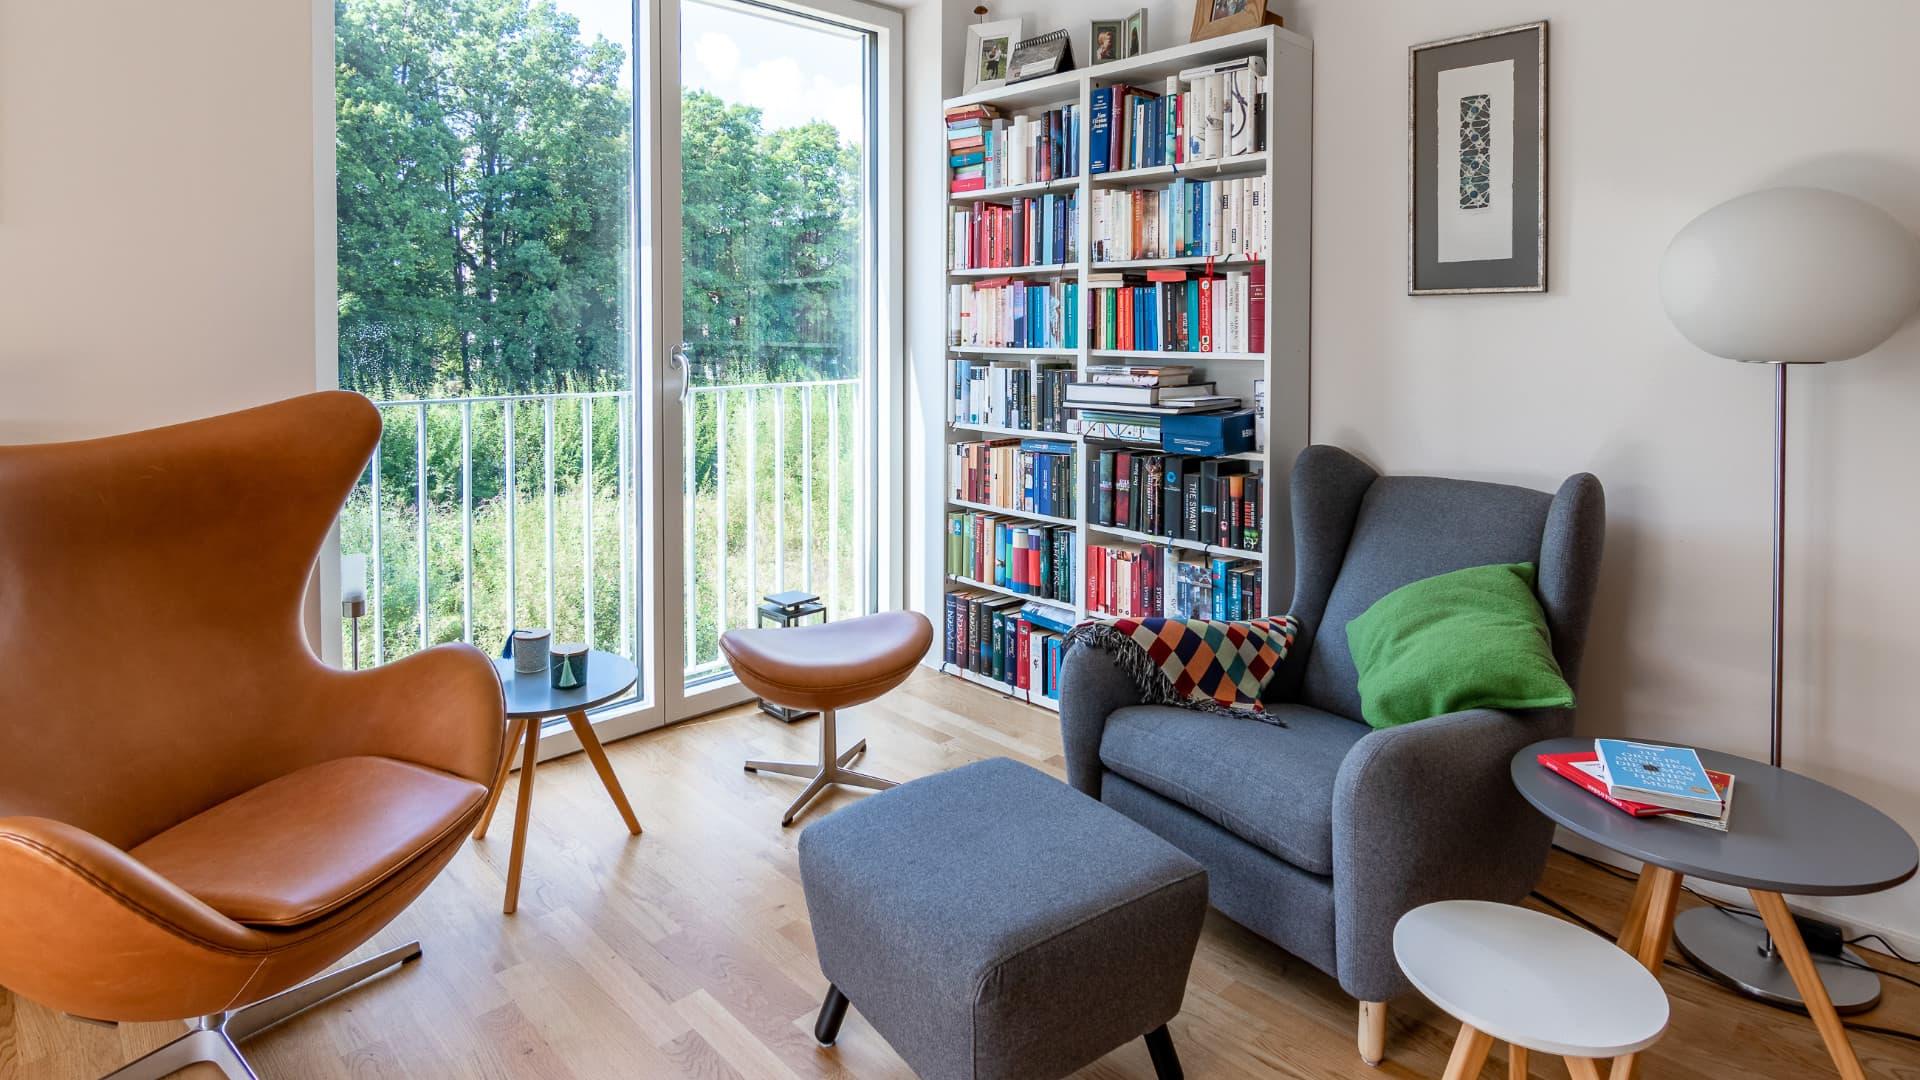 Wohnzimmer im 1. OG einer Maisonette-Wohnung in der Passivhaus-Wohnanlage NEST P#01 in München.